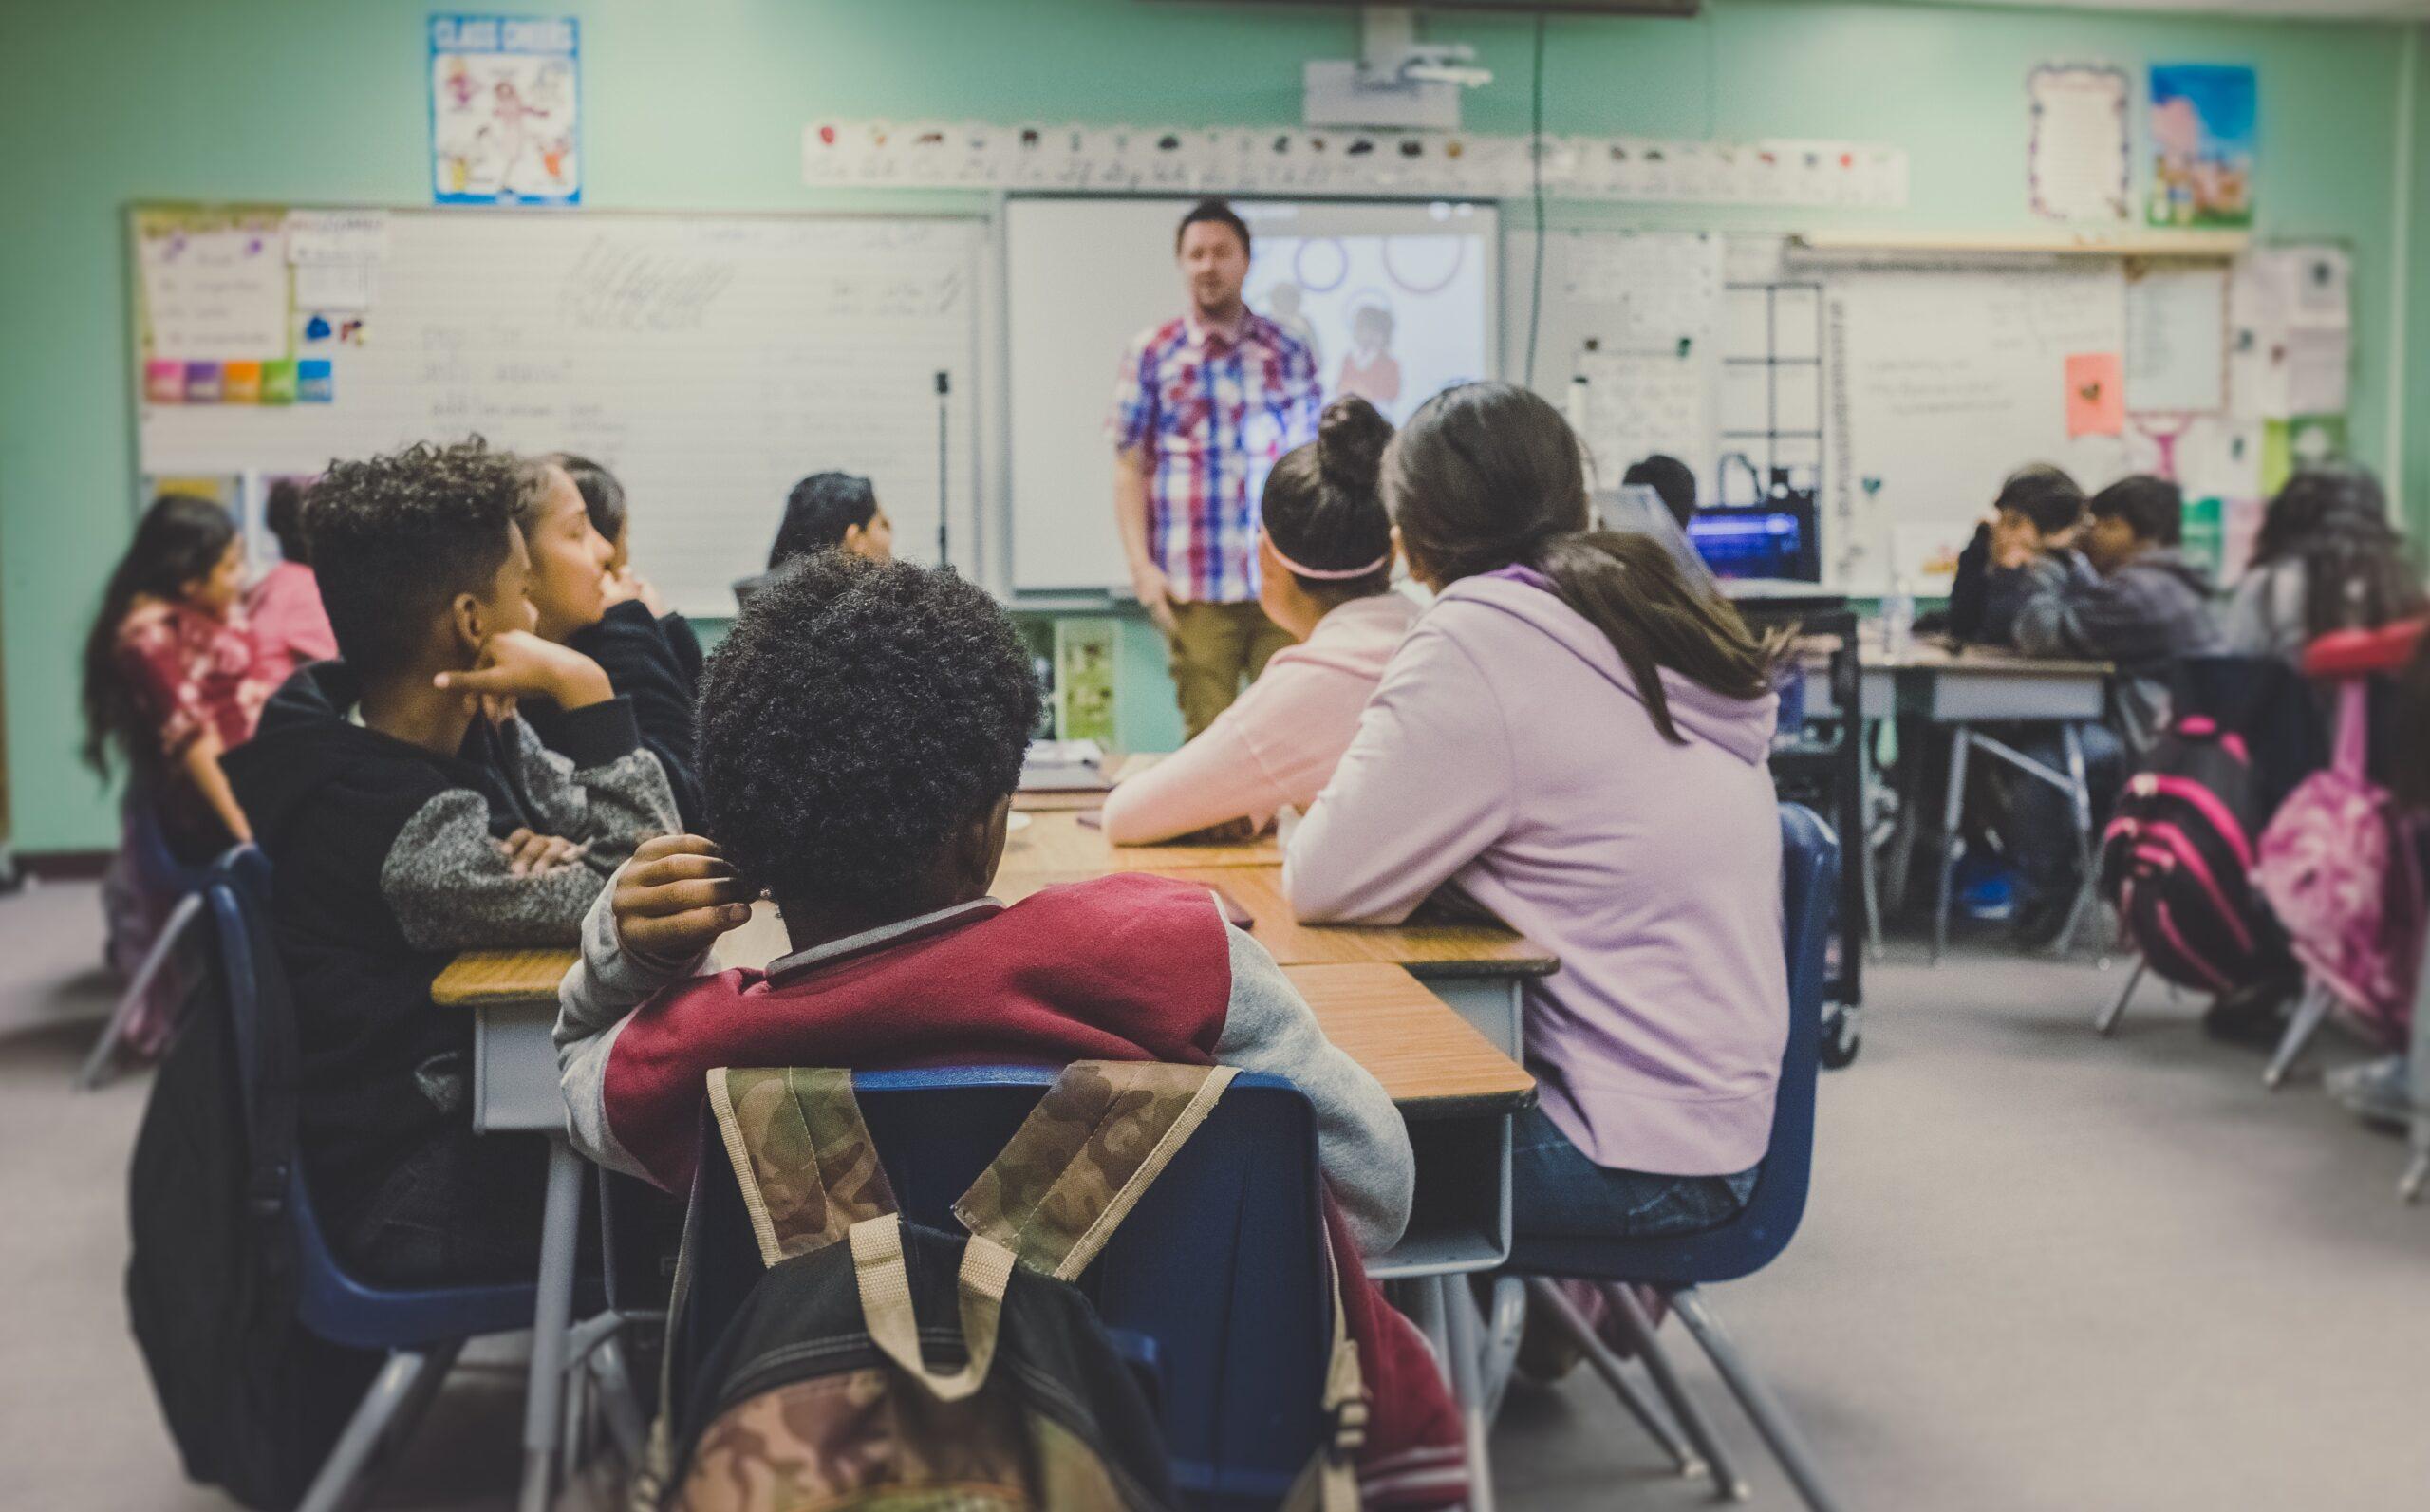 塾講師への転職に対してメリット・デメリットを考える若手教師